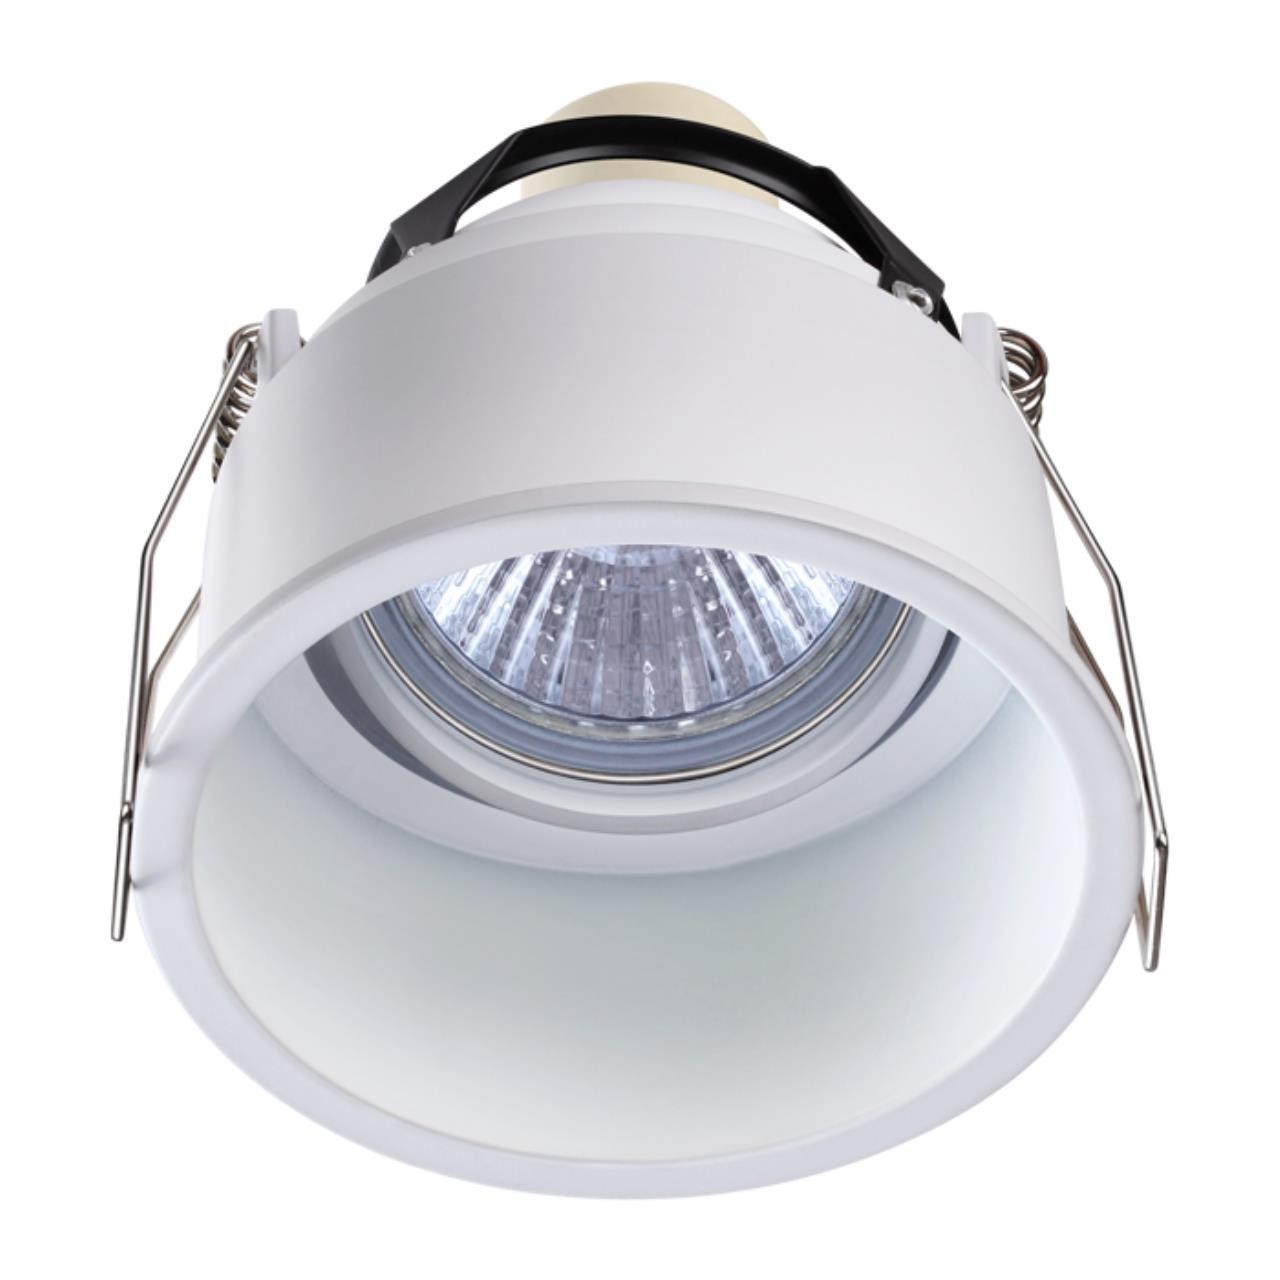 370563 SPOT NT19 130 белый Встраиваемый светильник IP20 GU10 50W 220-240V CLOUD